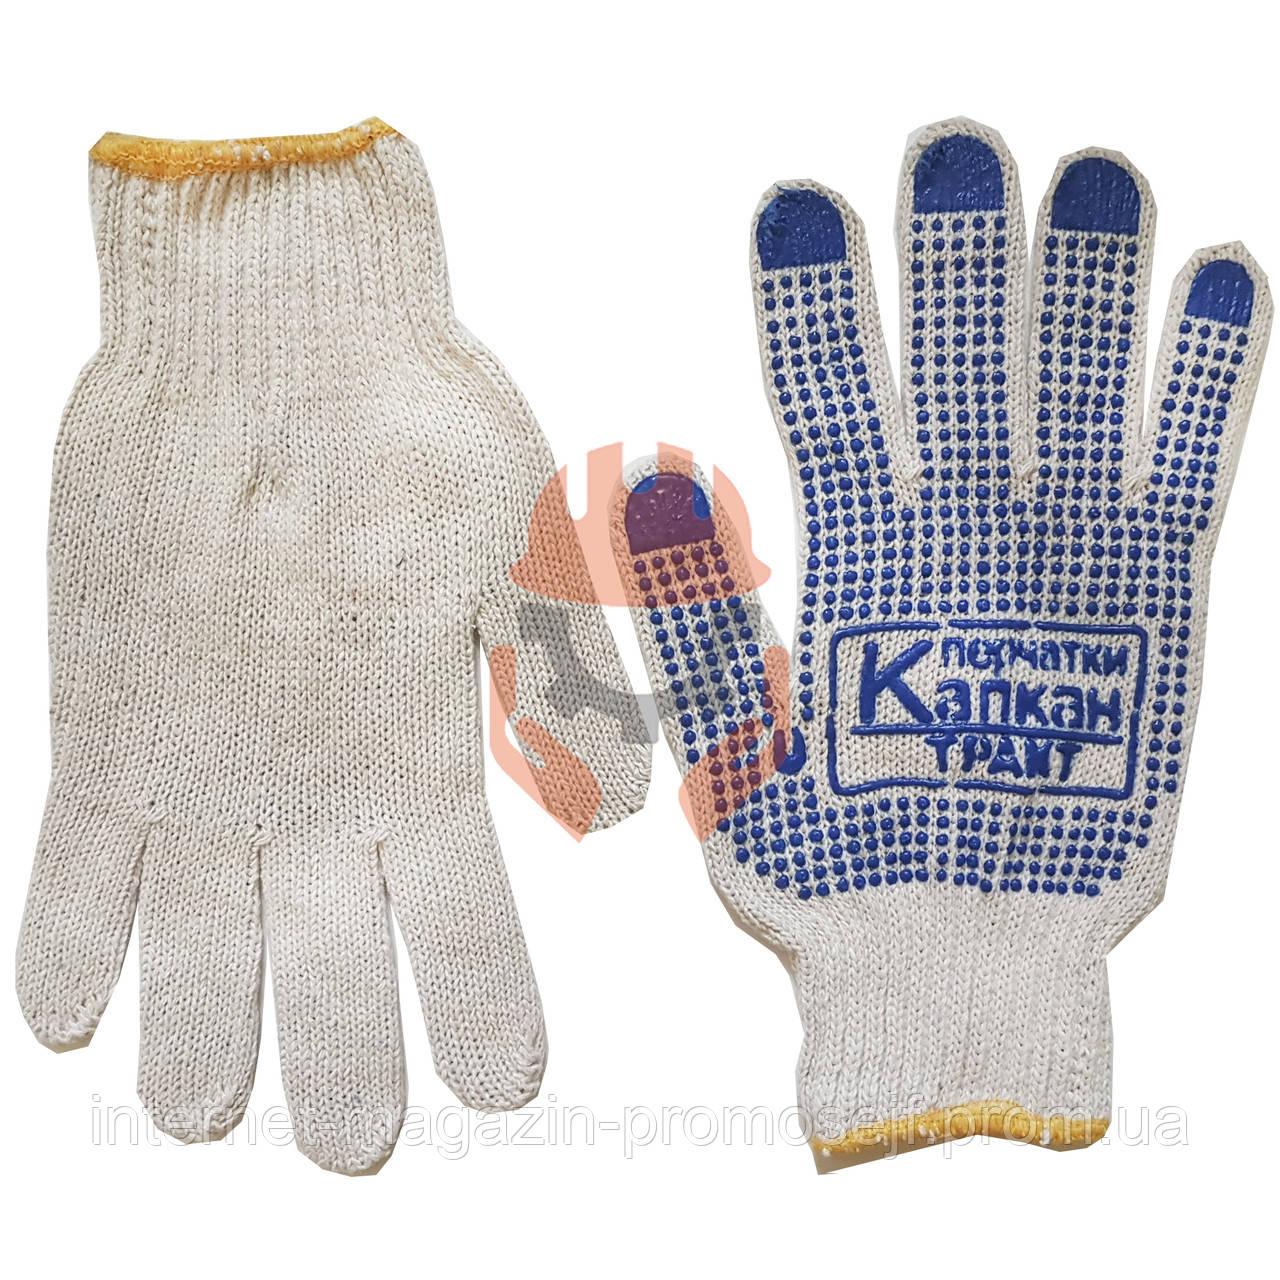 Перчатки рабочие Капкан